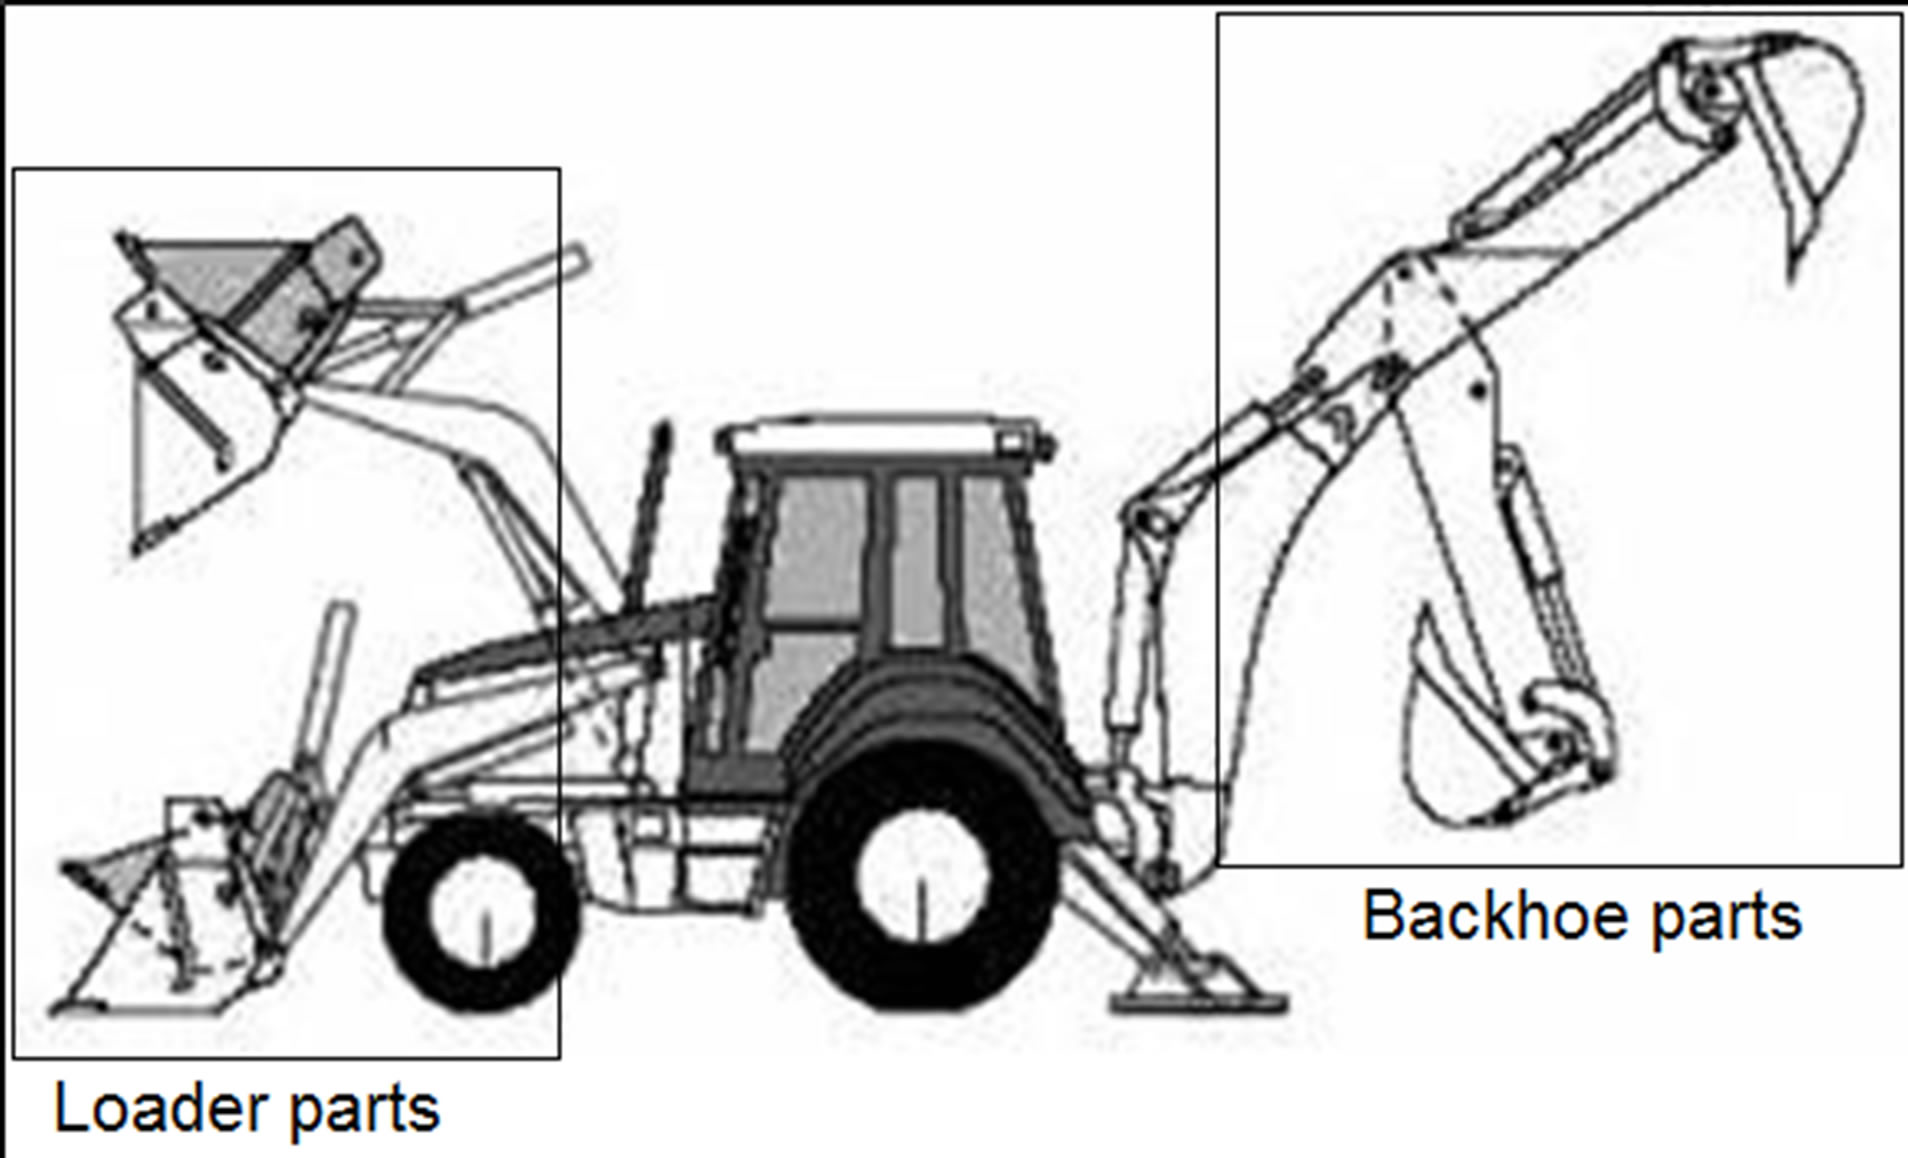 Backhoe loader machine